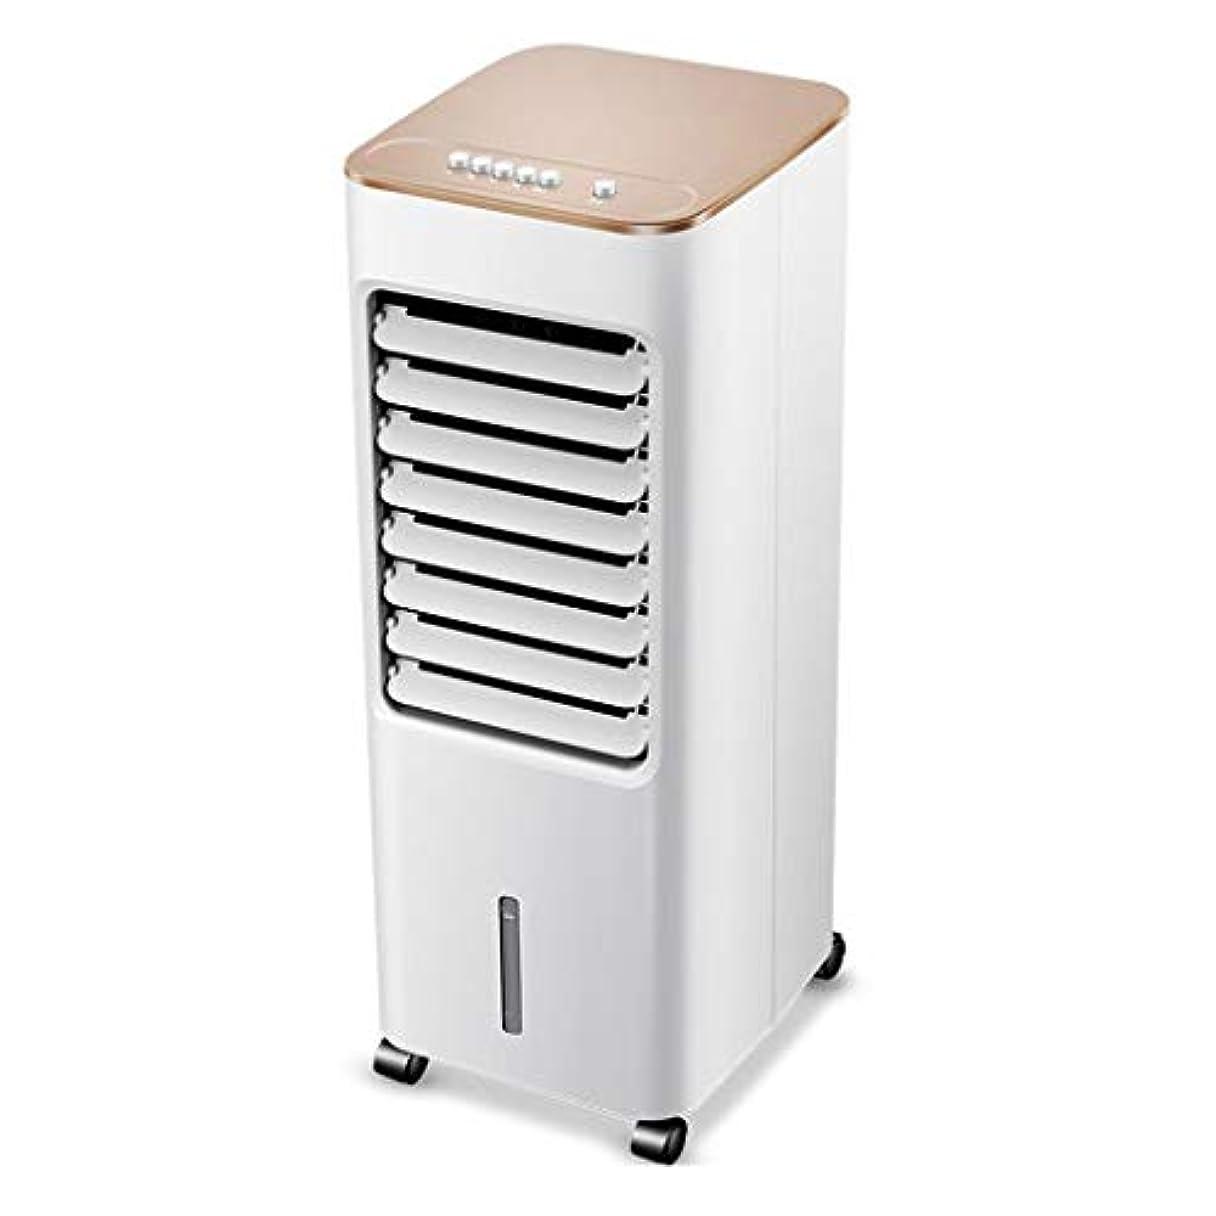 吐く今保全空調ファン| モバイル冷却ファン加湿冷却ファン| 単一冷却水エアークーラー50W